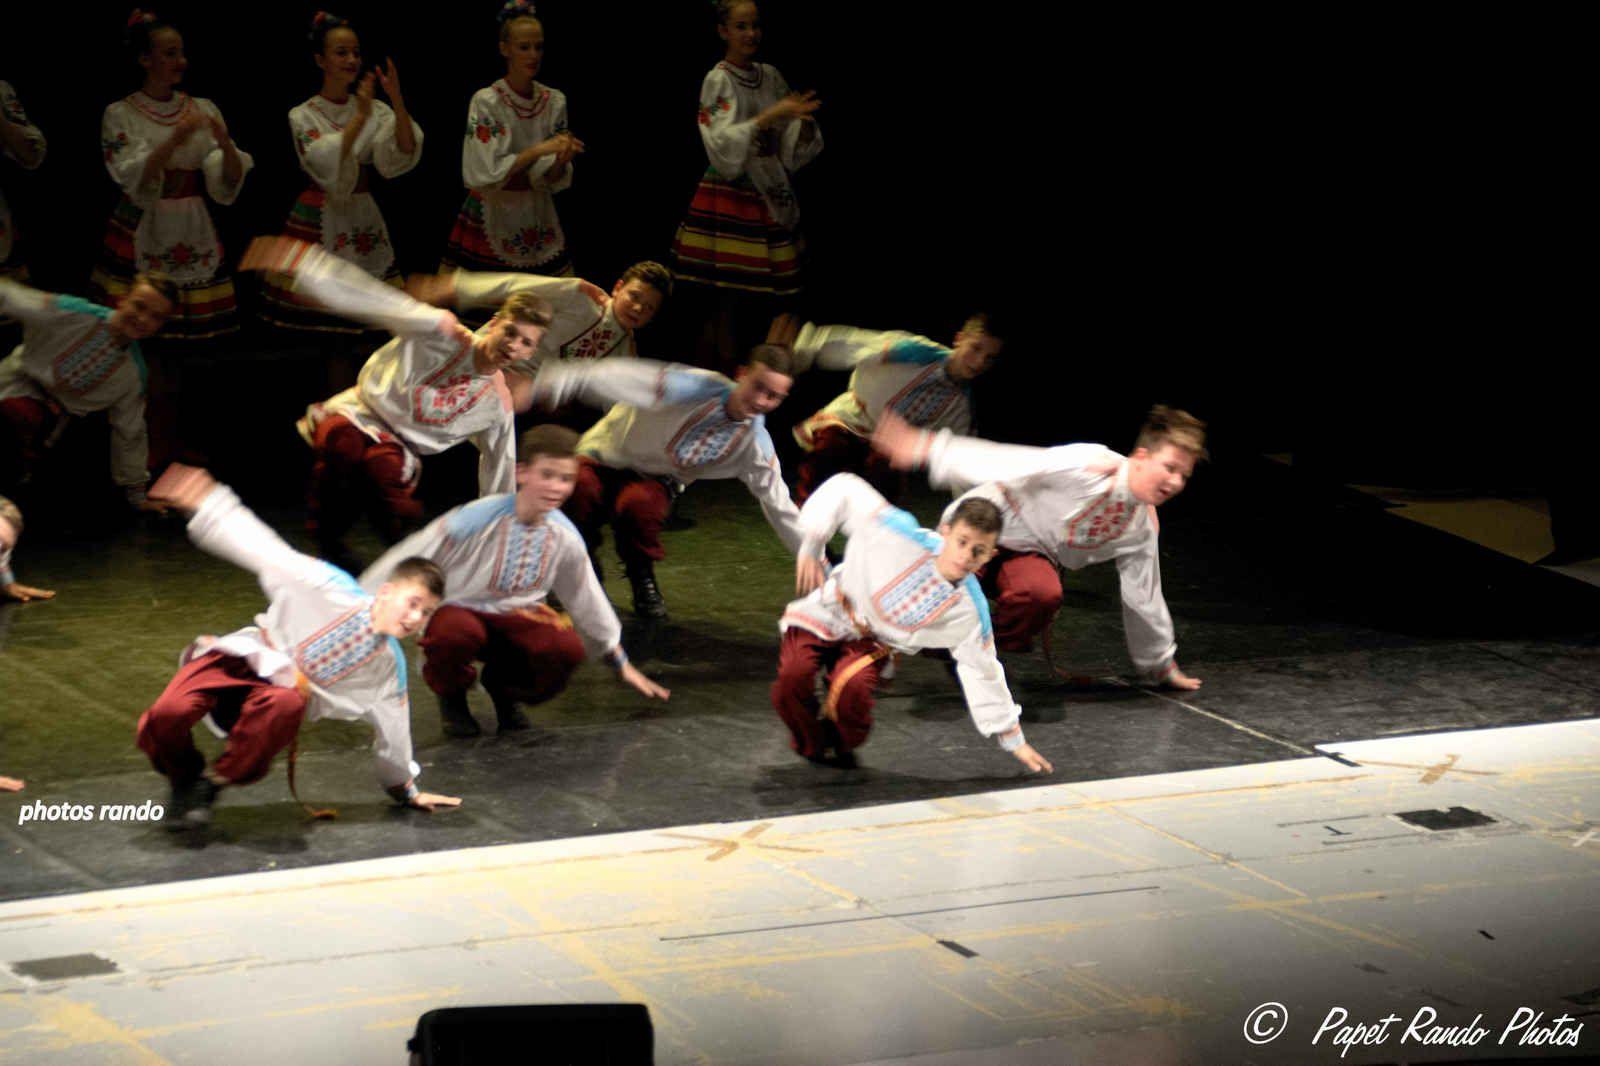 Danses folkloriques biélorusses, en Wallonie, grace a l'asbl A.R.R.E.T. pour l'accueil des enfants de Tchernobyl) voir sur Facebook leur mur